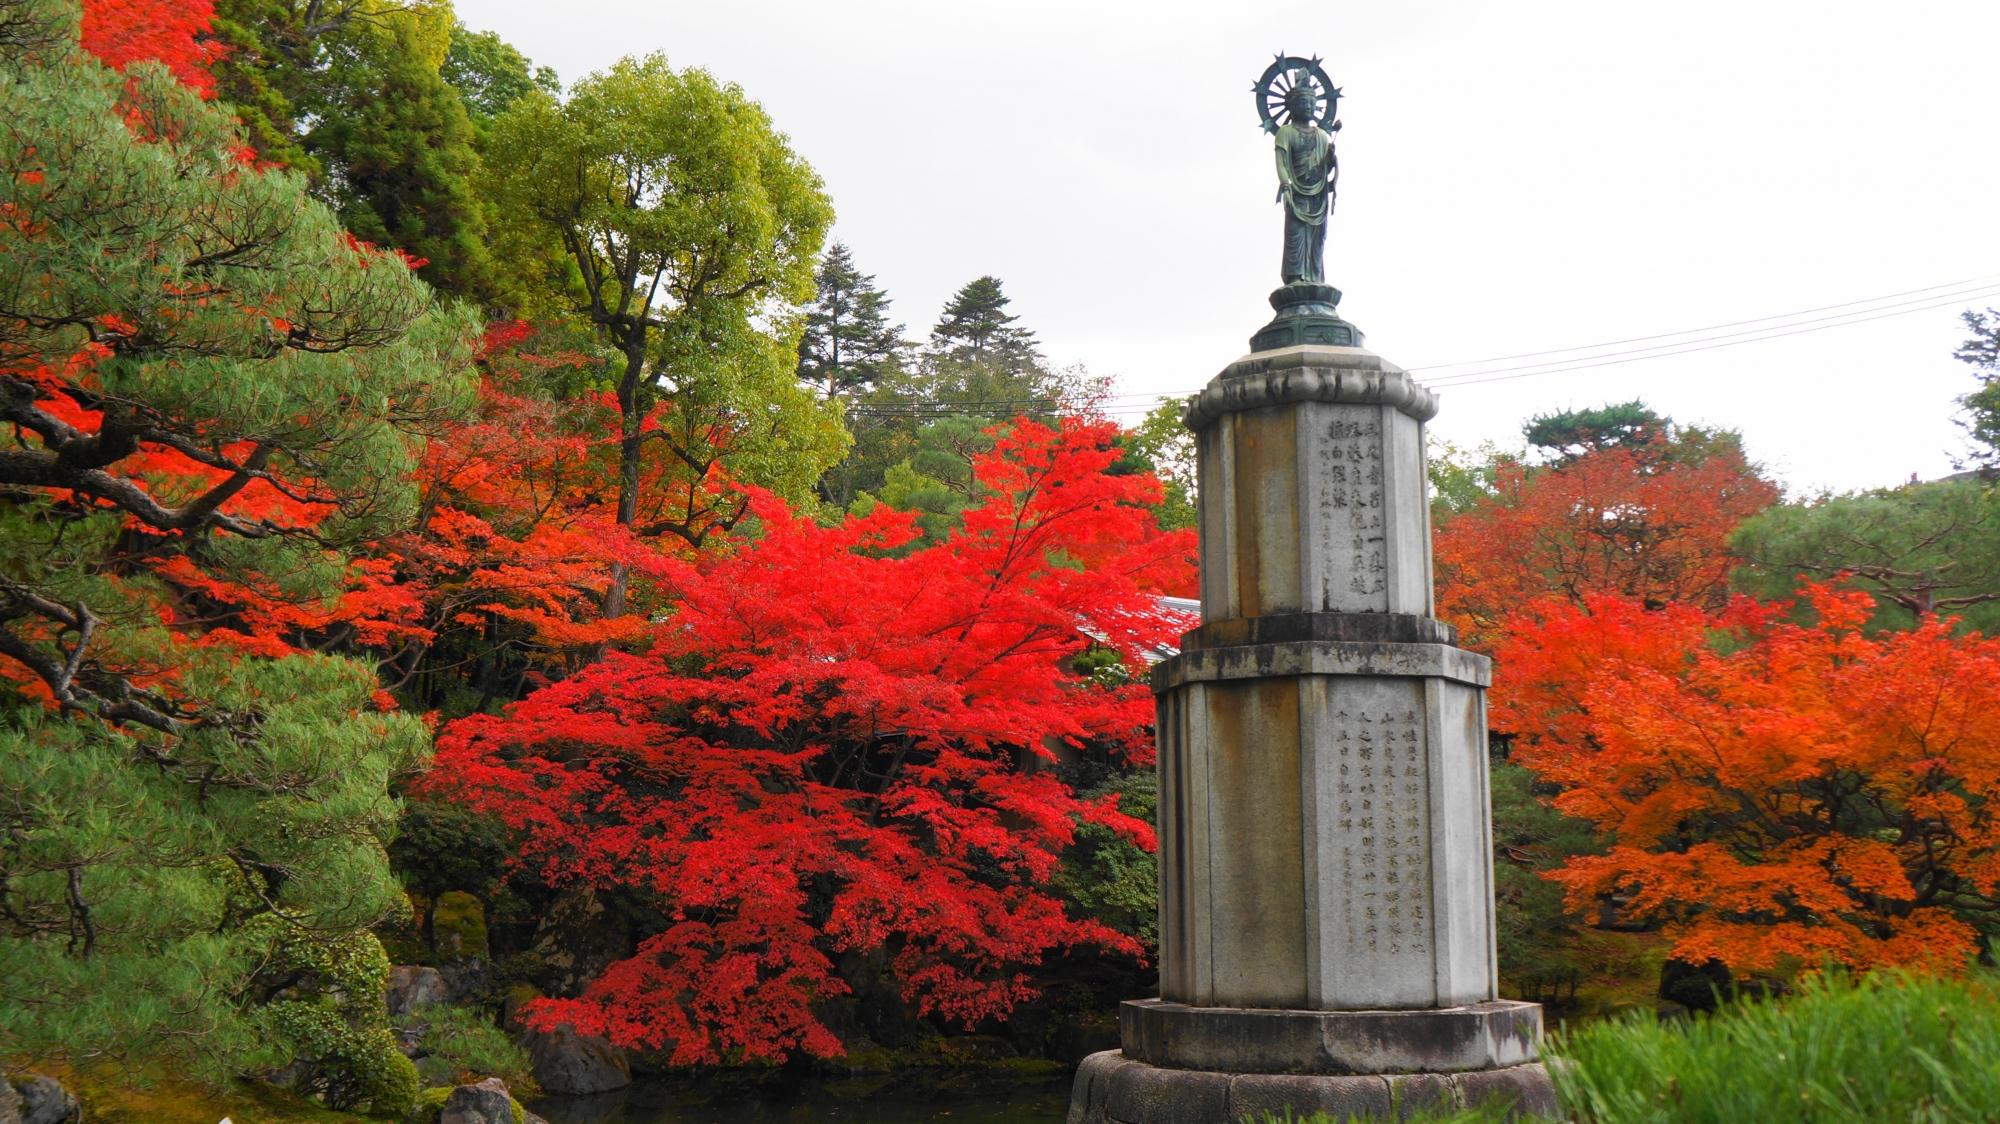 友禅苑の溢れる最高の色づきの紅葉